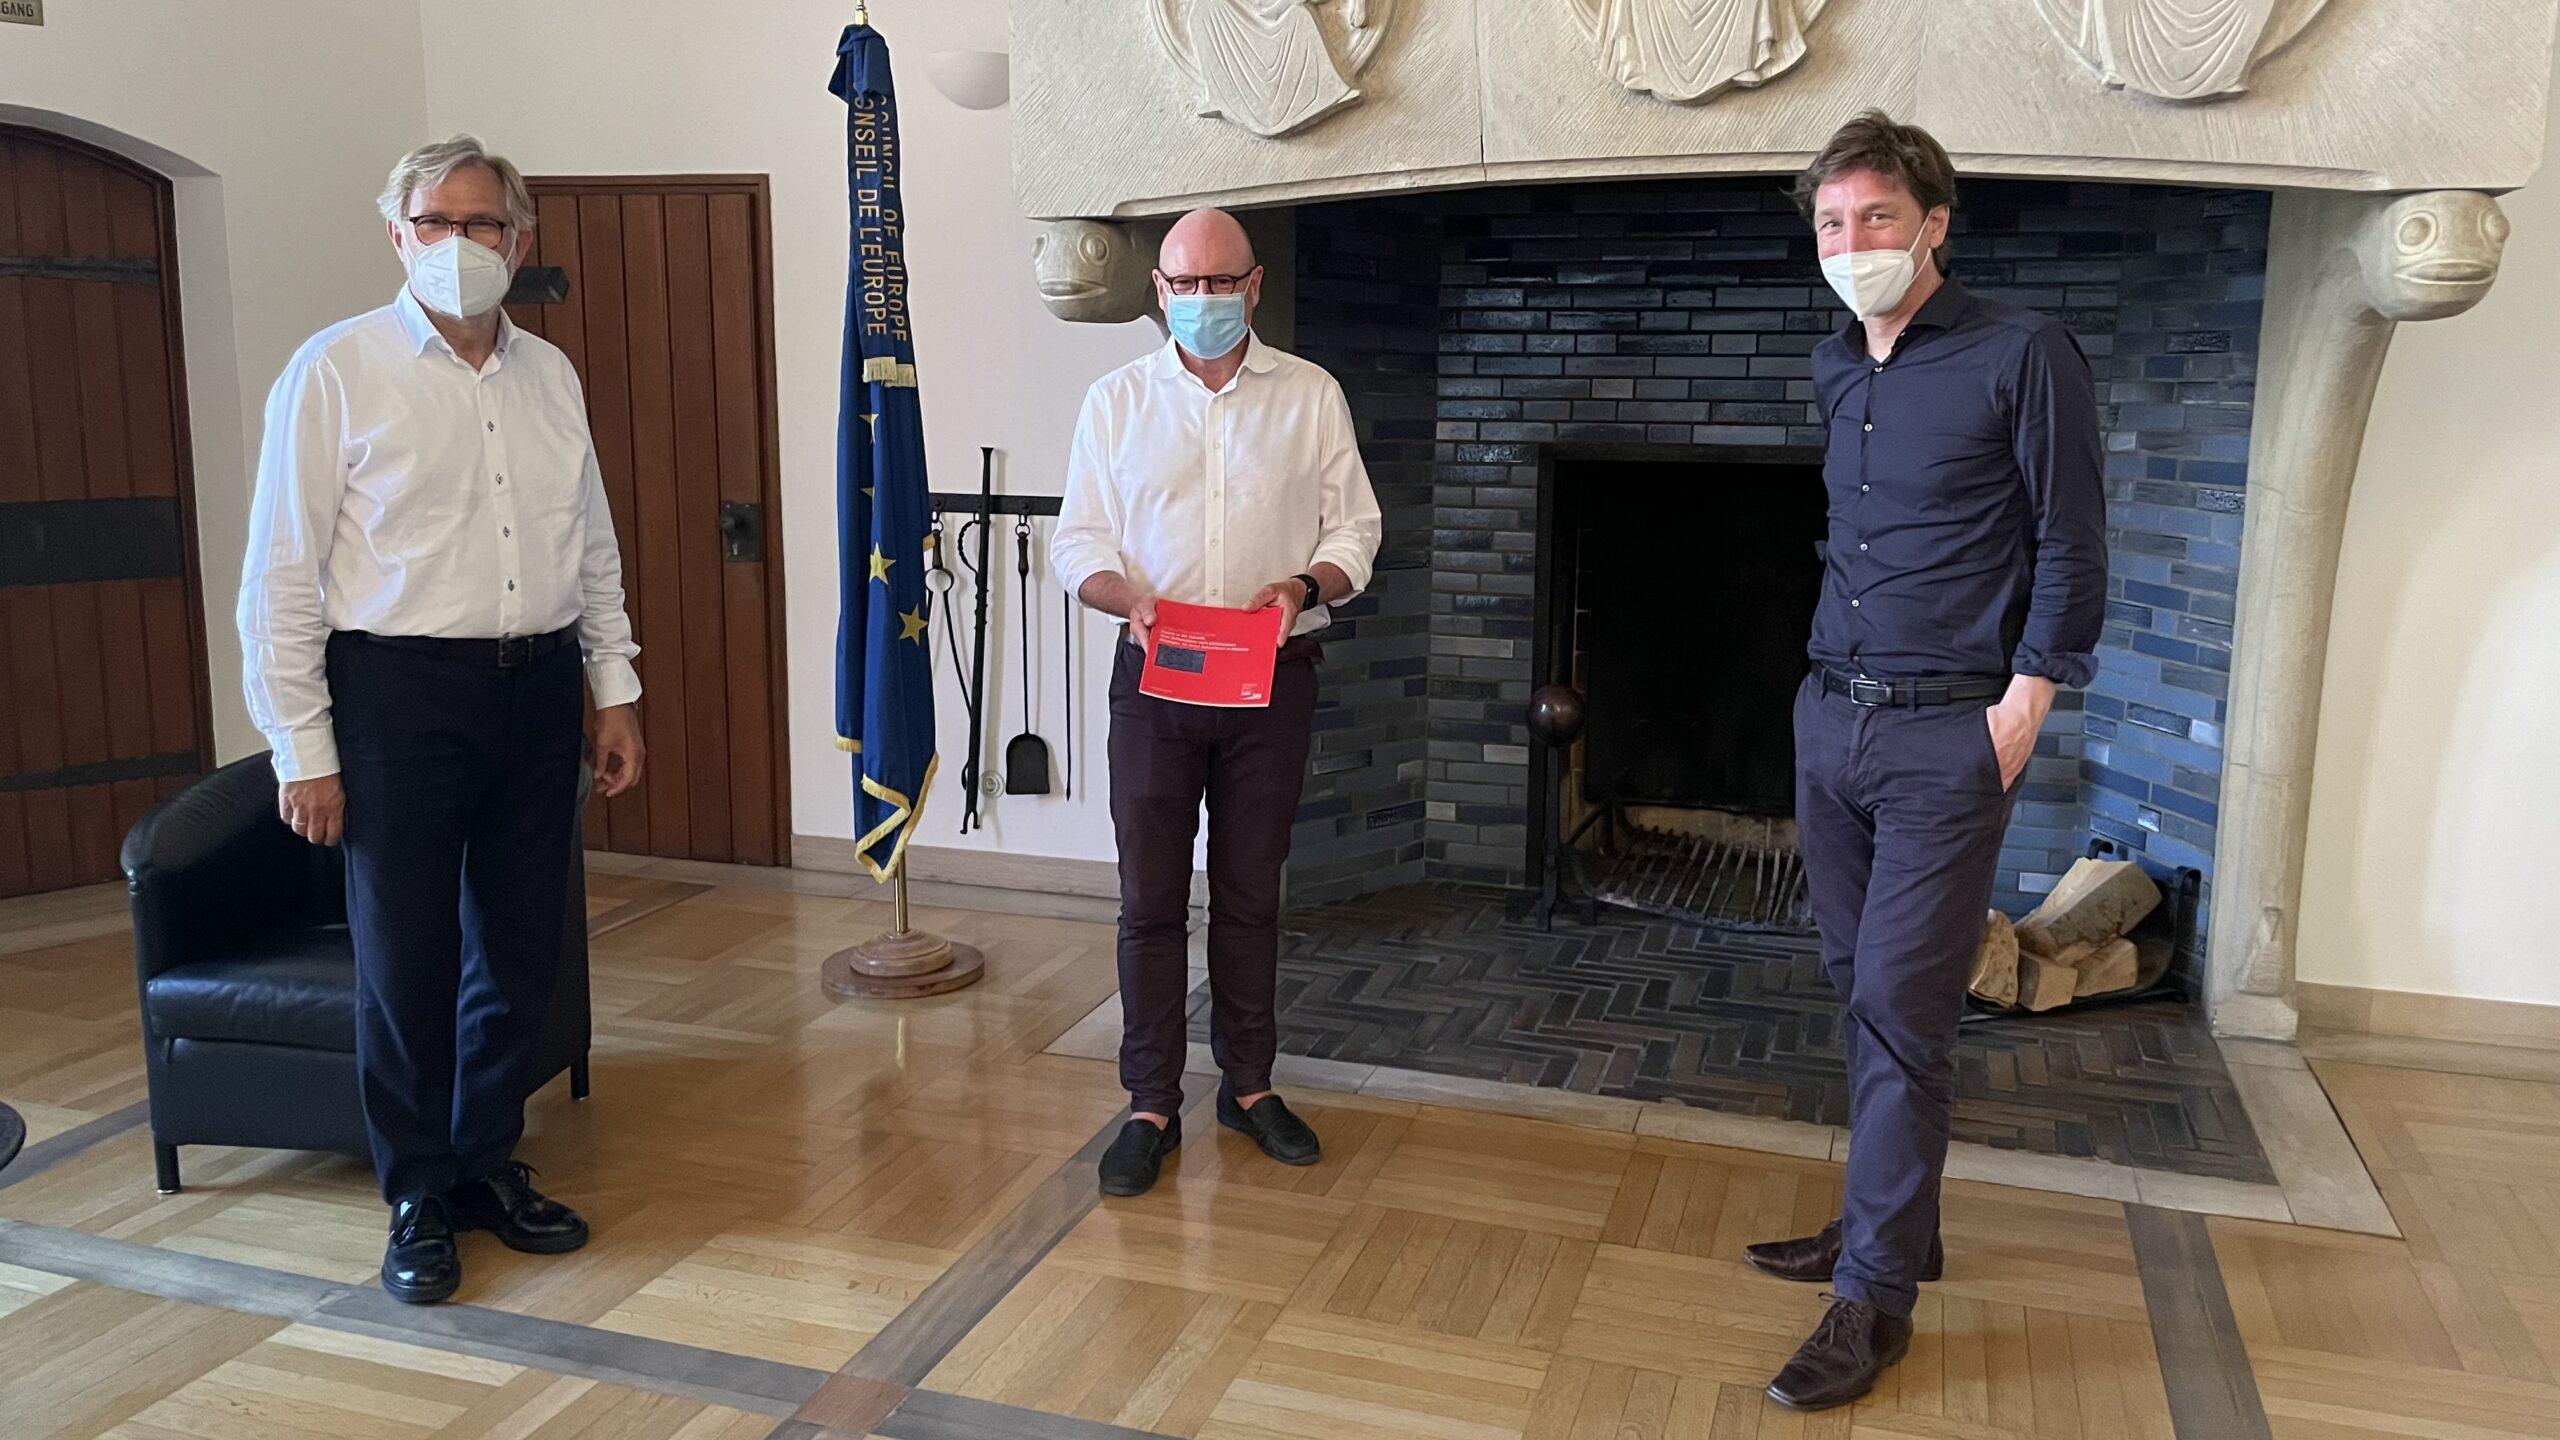 """Vertreter der Initiative """"Schloss Platz Kultur 2020"""" (Ulrich Krüger, Stefan Rethfeld) überreichen Abschlussbericht an Oberbürgermeister Markus Lewe"""